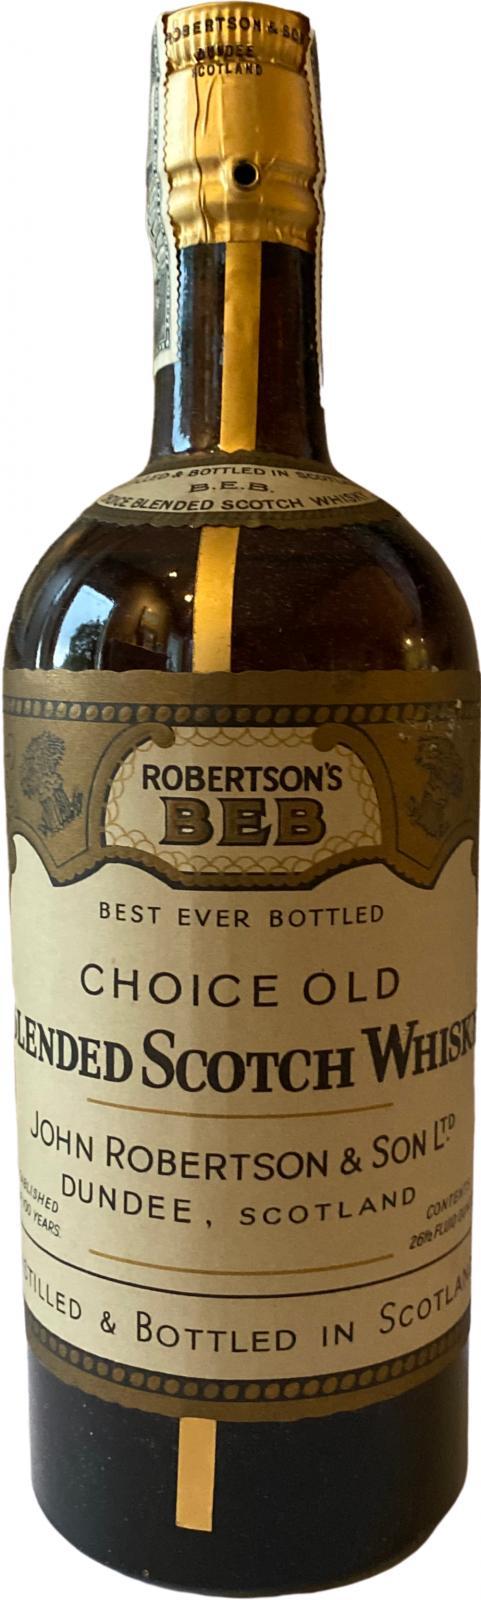 Robertson's Best Ever Bottled